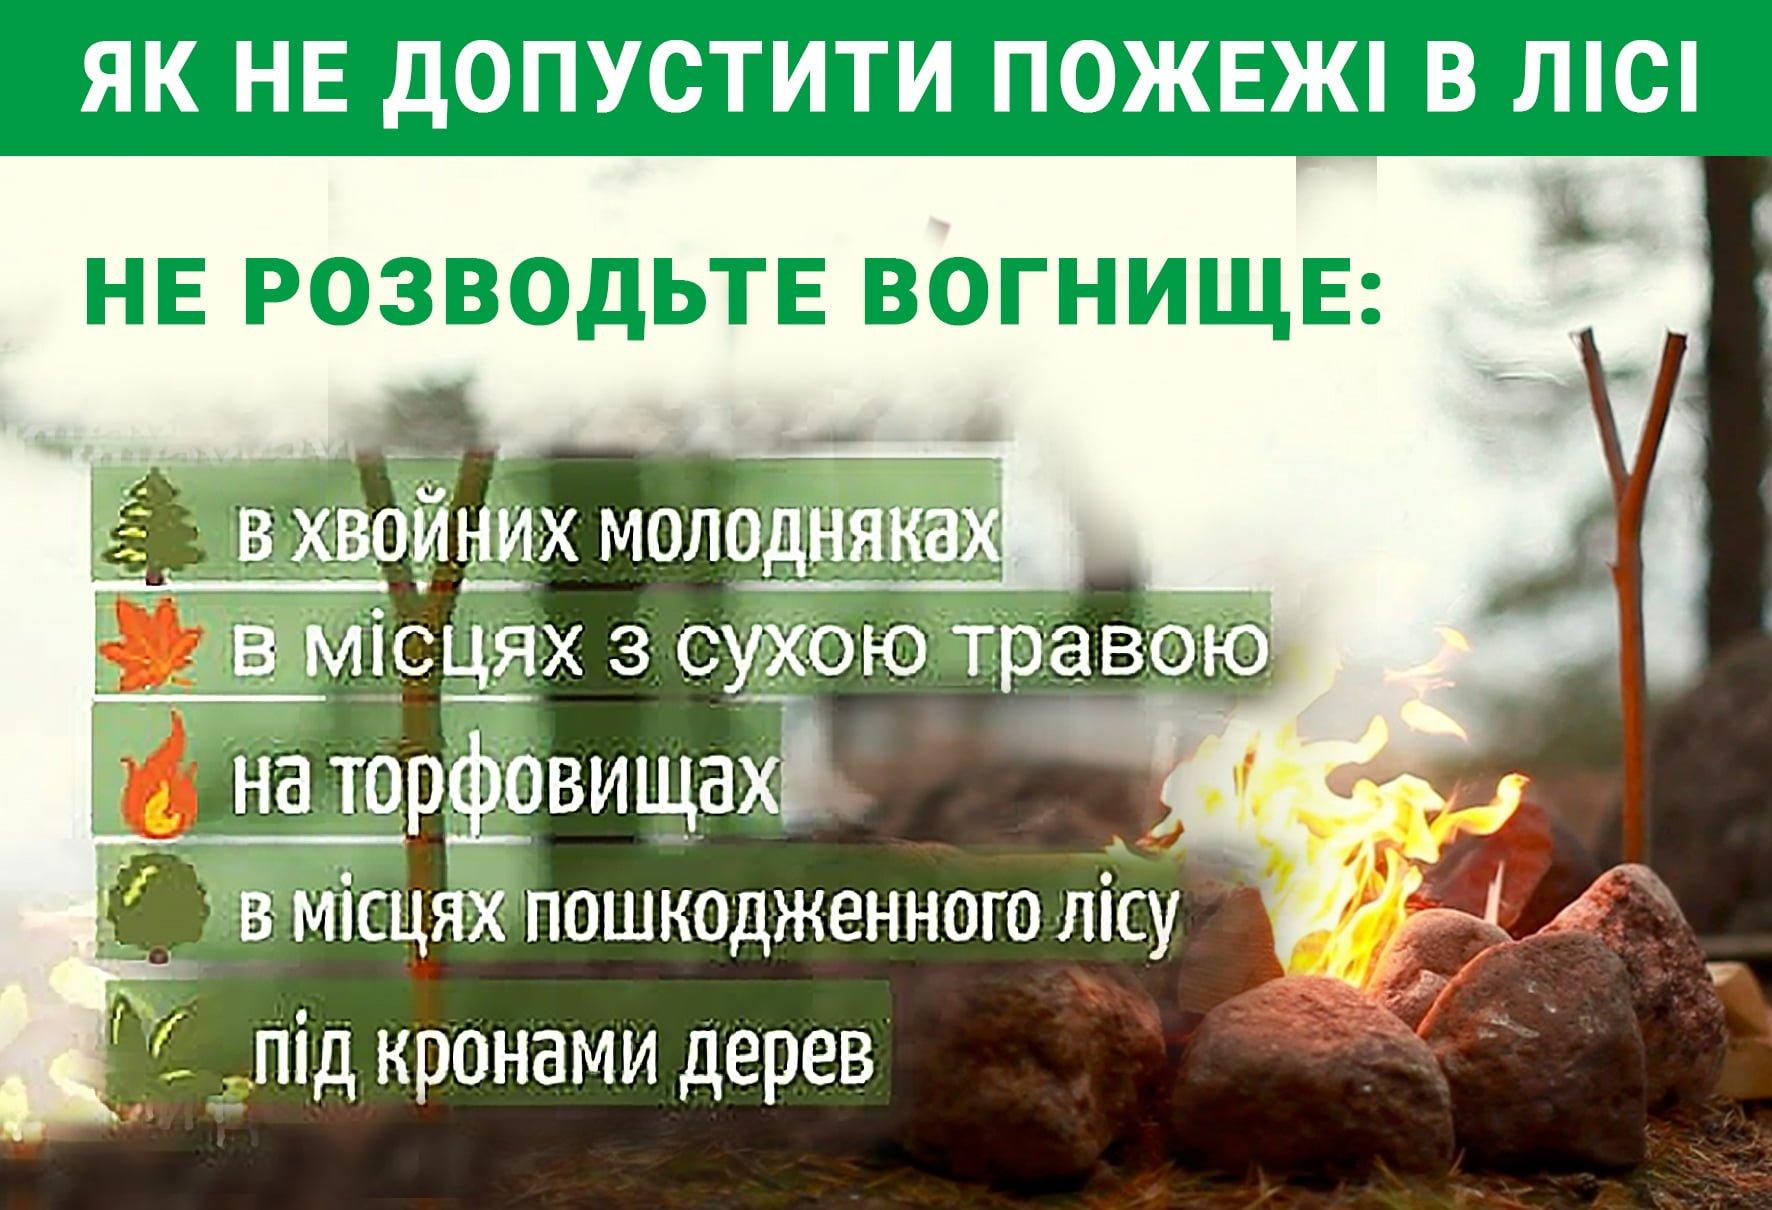 Де не можна розводити вогнище в лісі